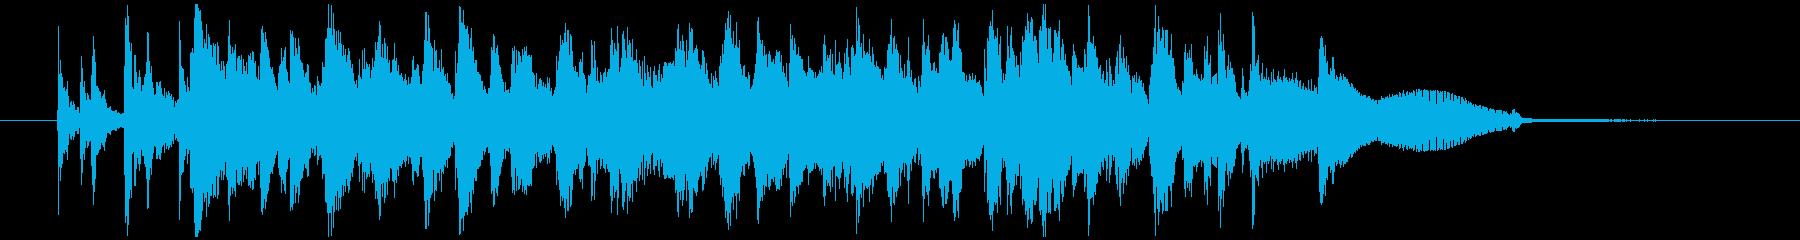 ピアノトリオジャズによるOPEDジングルの再生済みの波形